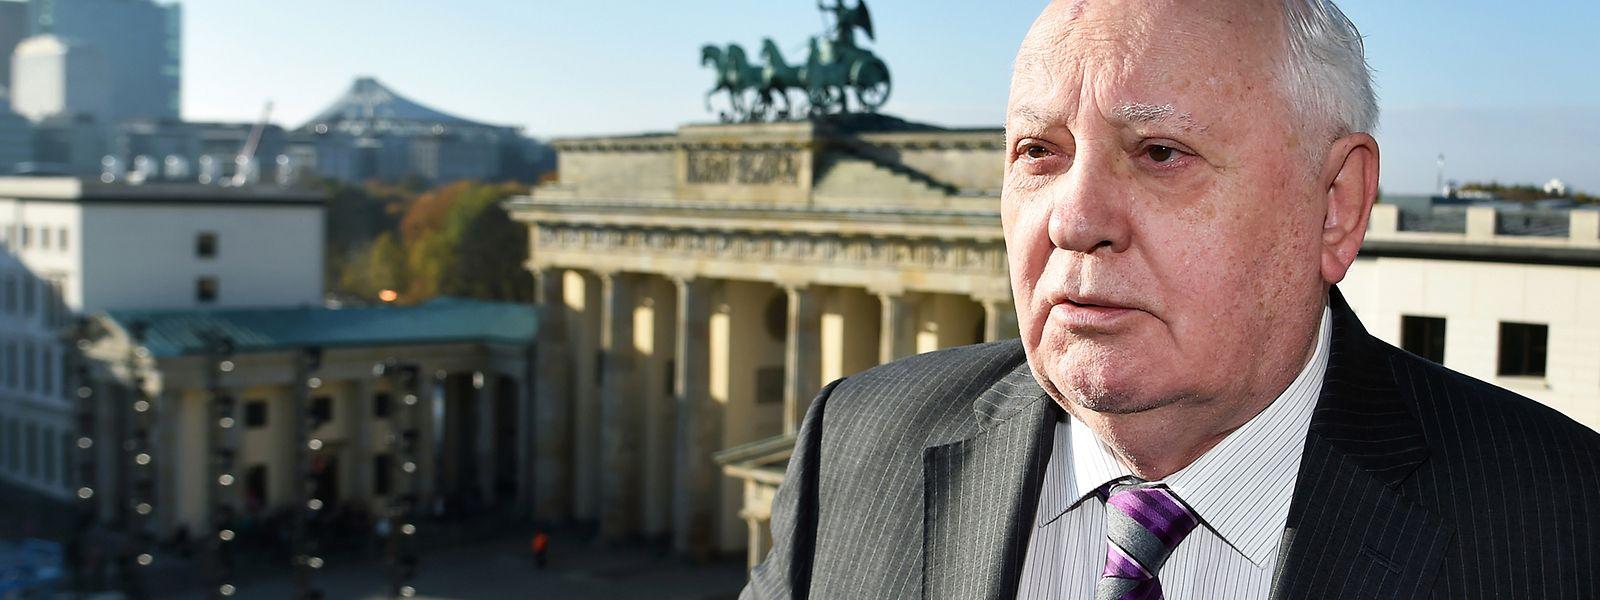 Der frühere sowjetische Staatspräsident Michail Gorbatschow bei einem Besuch am Brandenburger Tor in Berlin 2014.